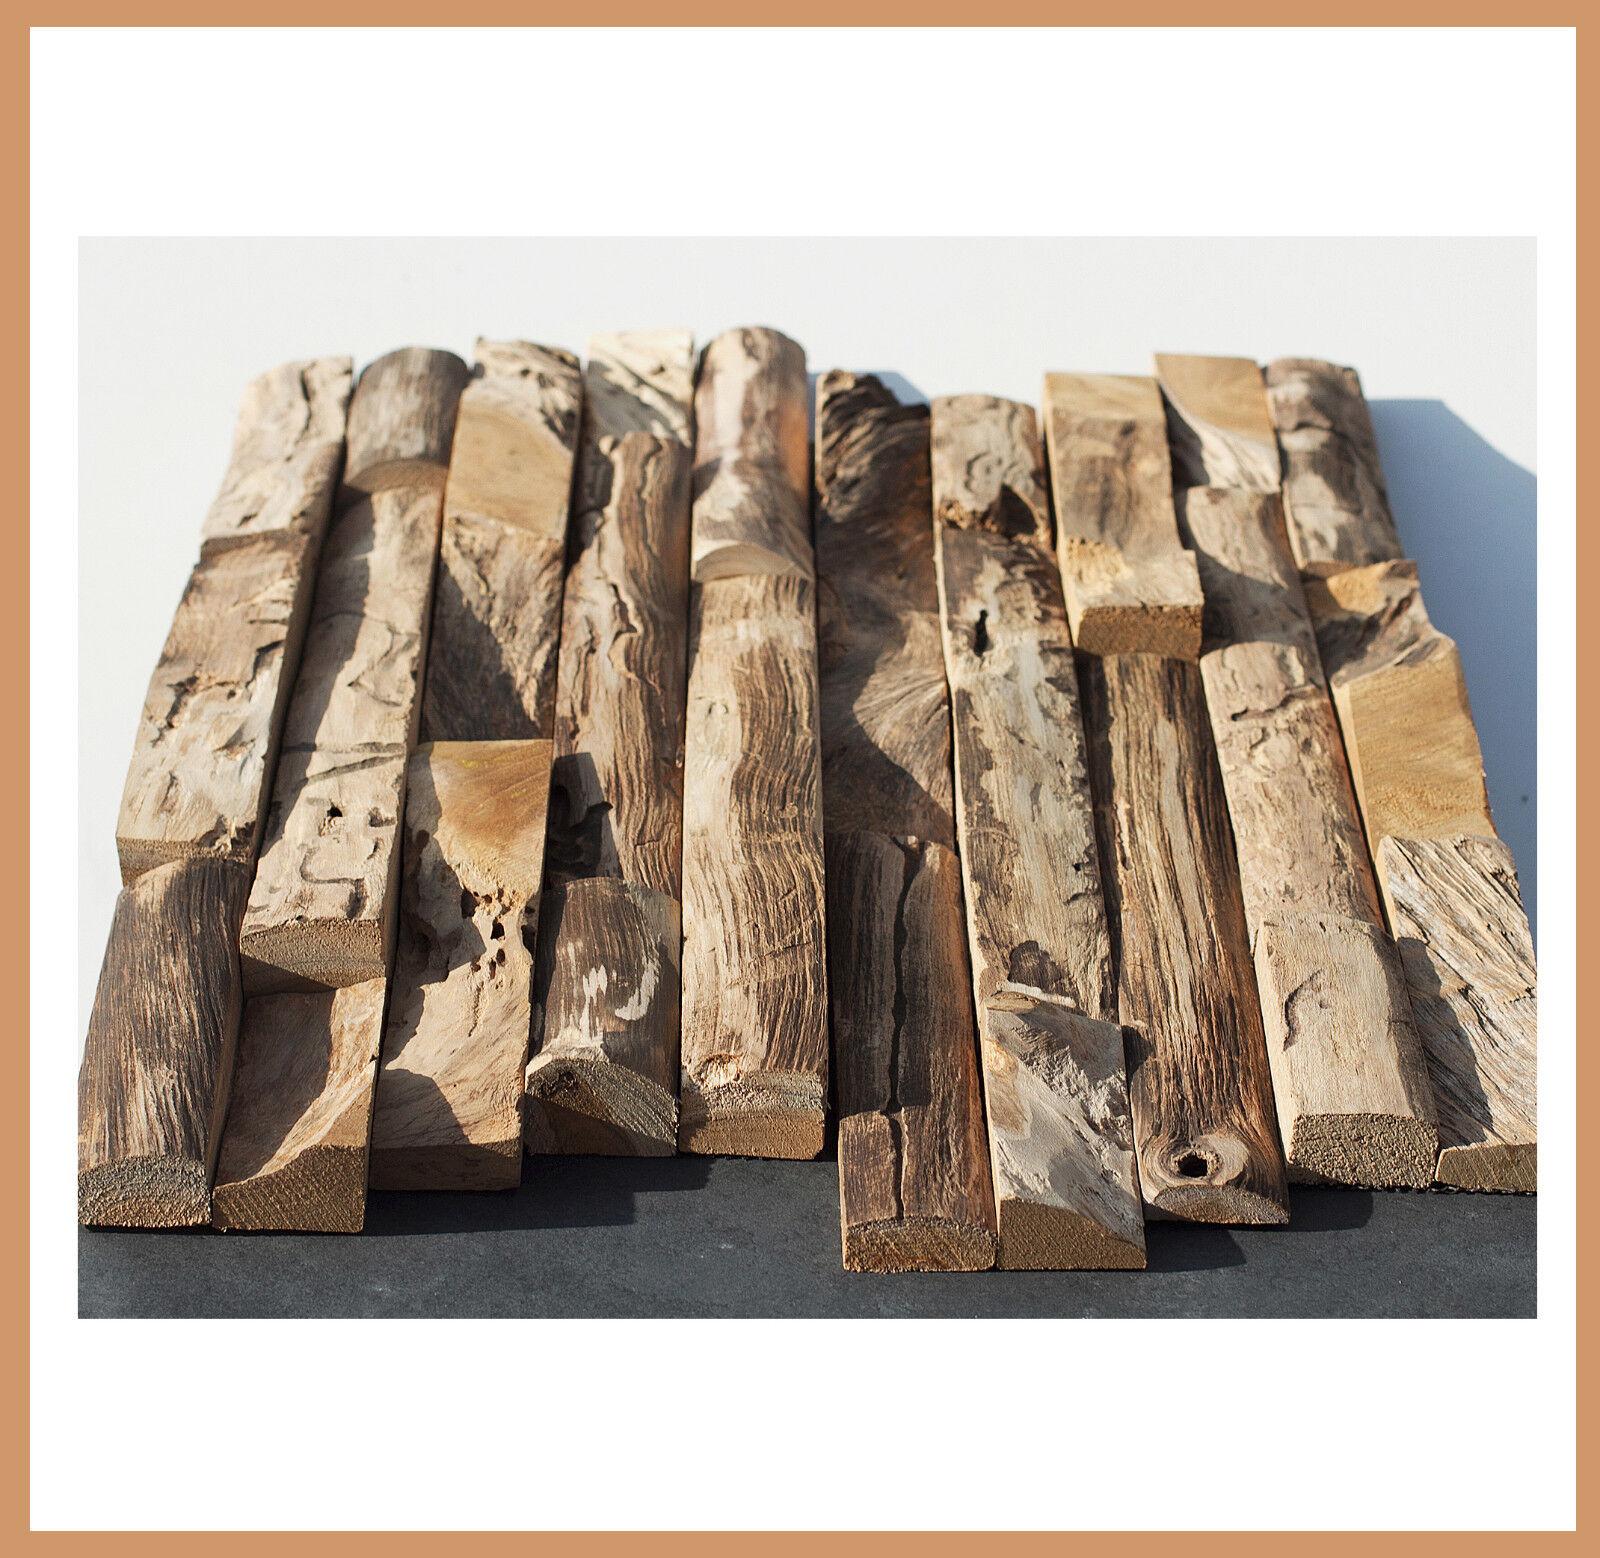 1 qm - HO-008 - Teak Holz-Wand - Fliesen Lager Stein-mosaik Herne NRW -